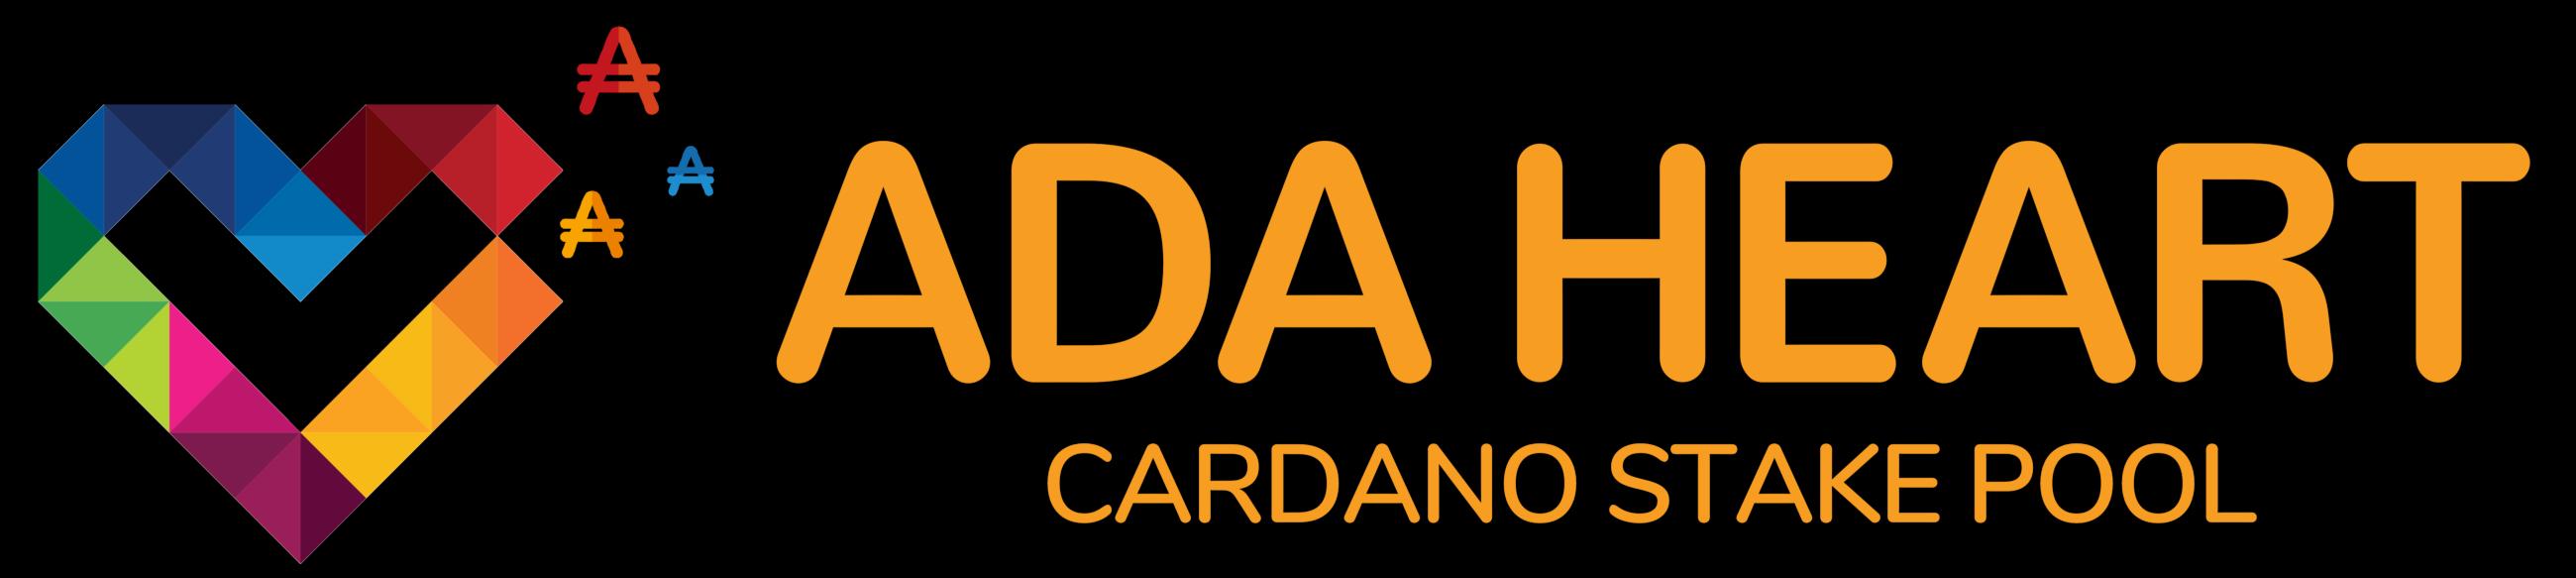 ADA_HEART_Stake_Pool_logo2